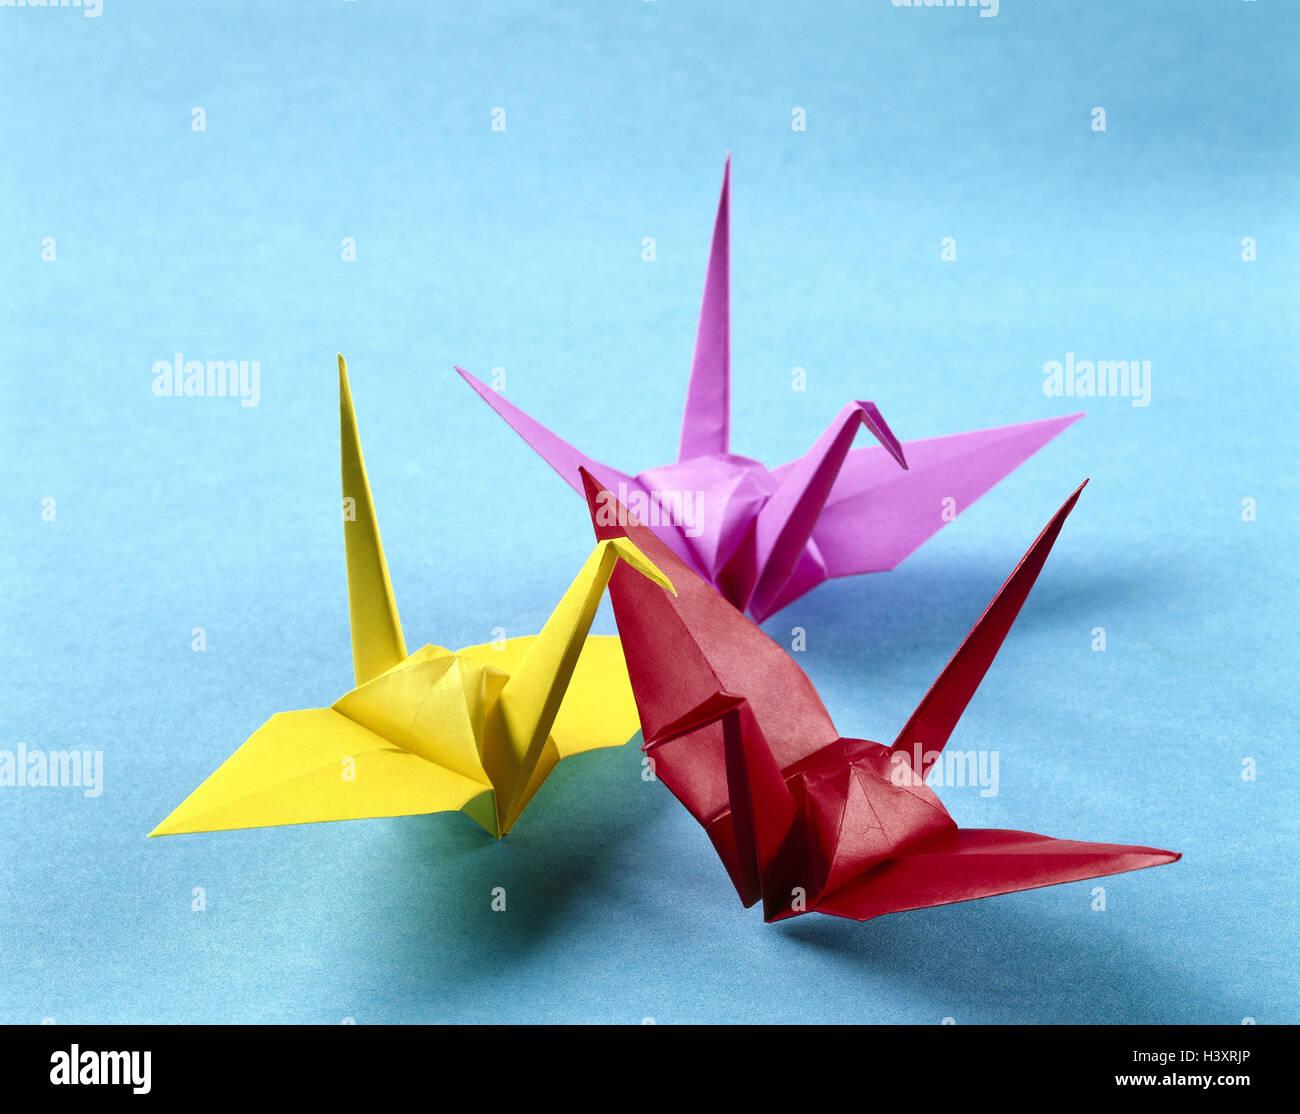 Origami japanese paper folding art animals birds brightly origami japanese paper folding art animals birds brightly japan art figures mythical figures three colourfully fold folding art skill jeuxipadfo Images